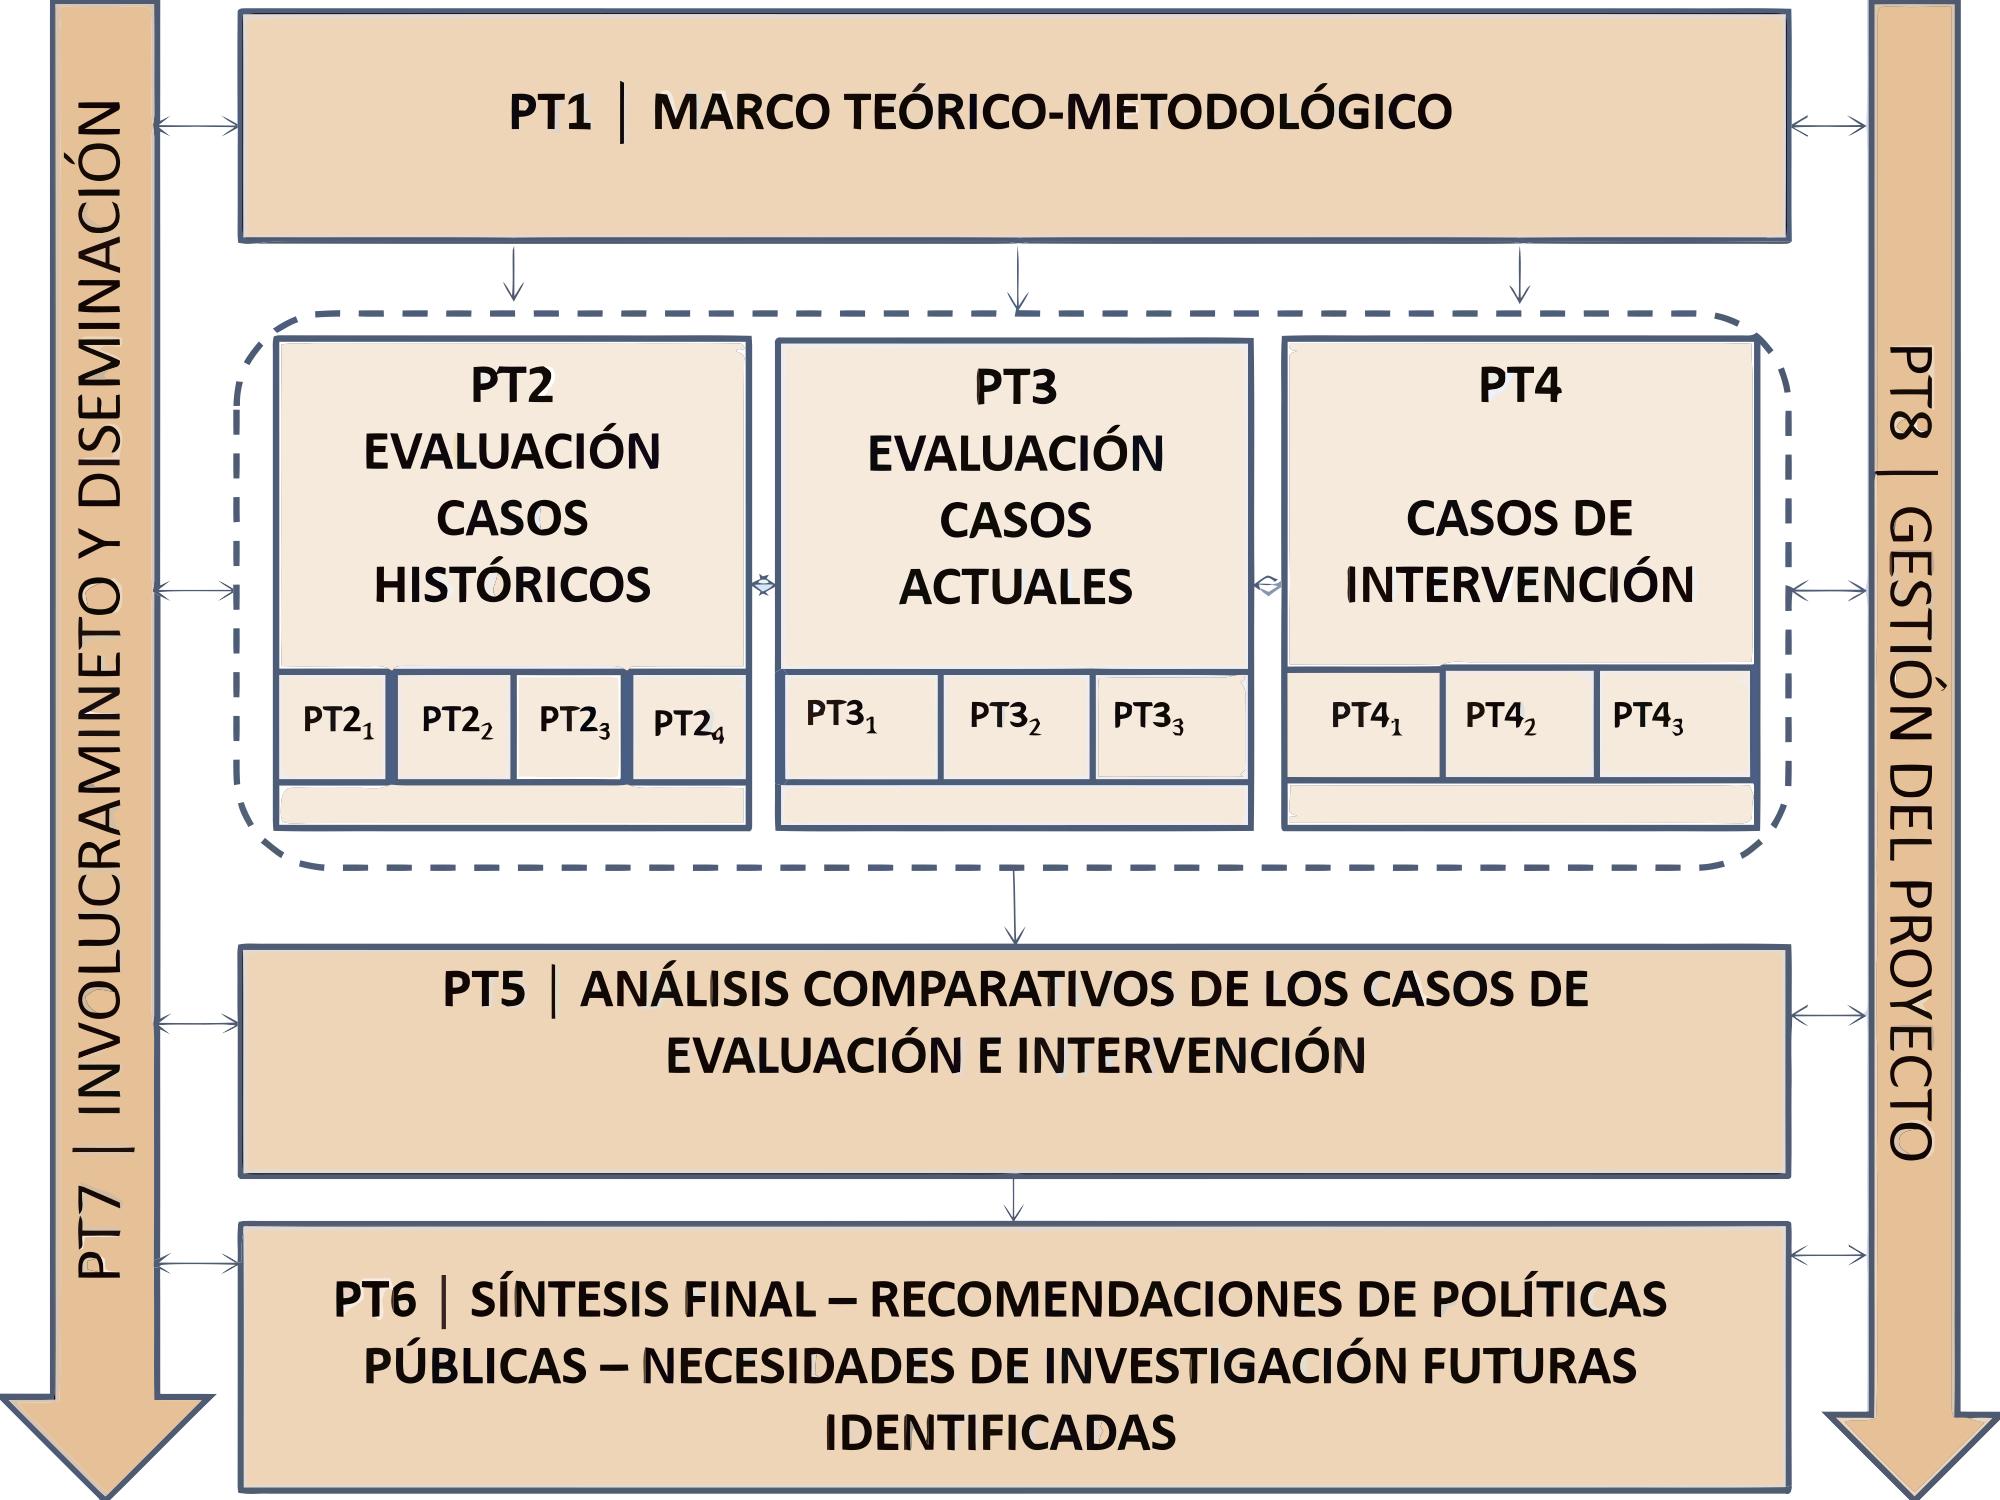 Research_plan_scheme_DESAFIO_espanol.jpgvector